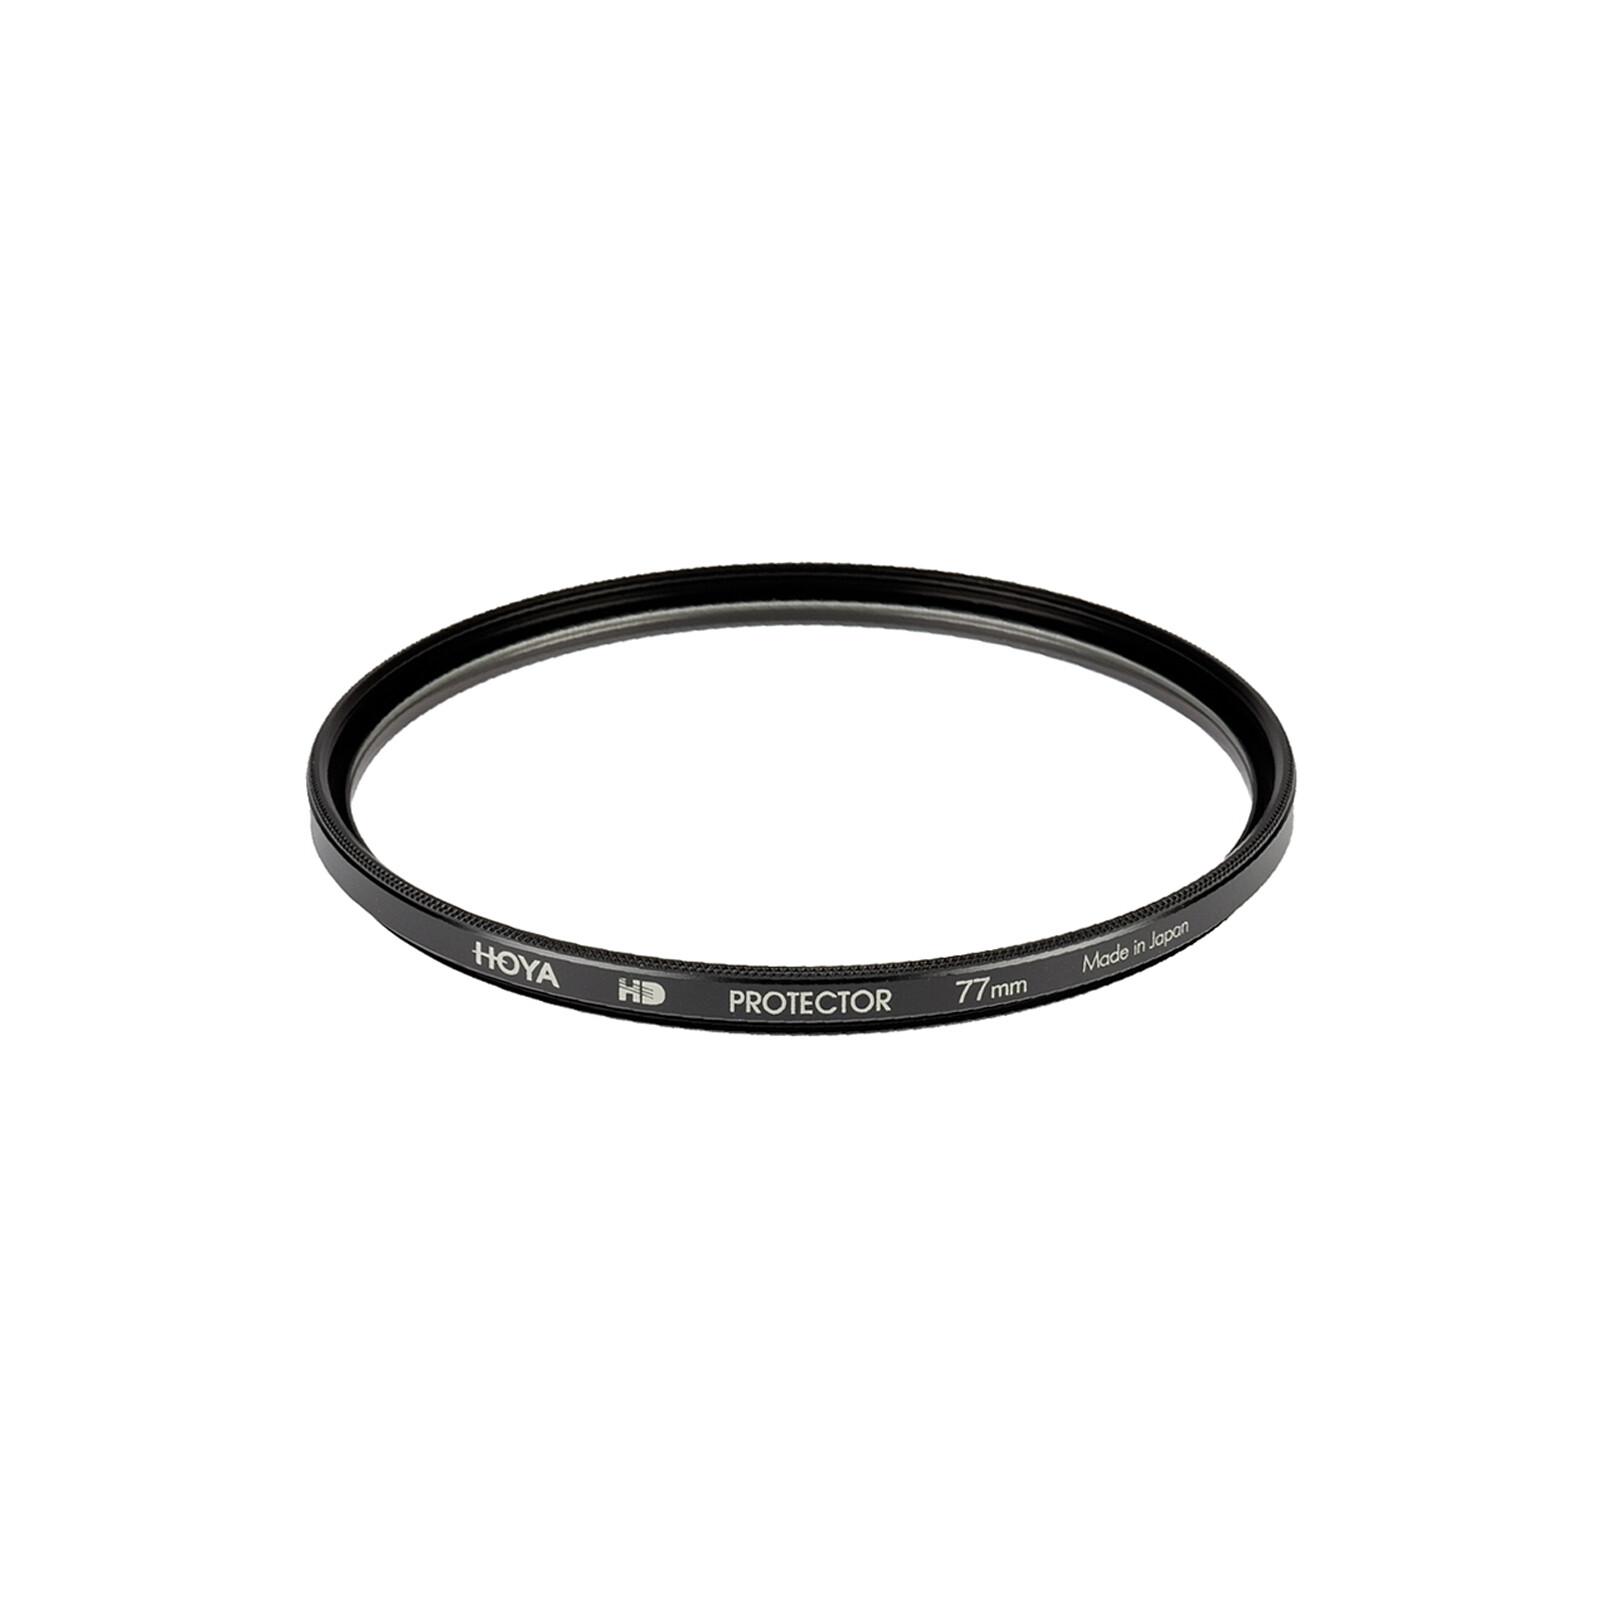 Hoya Protector HD 40,5mm